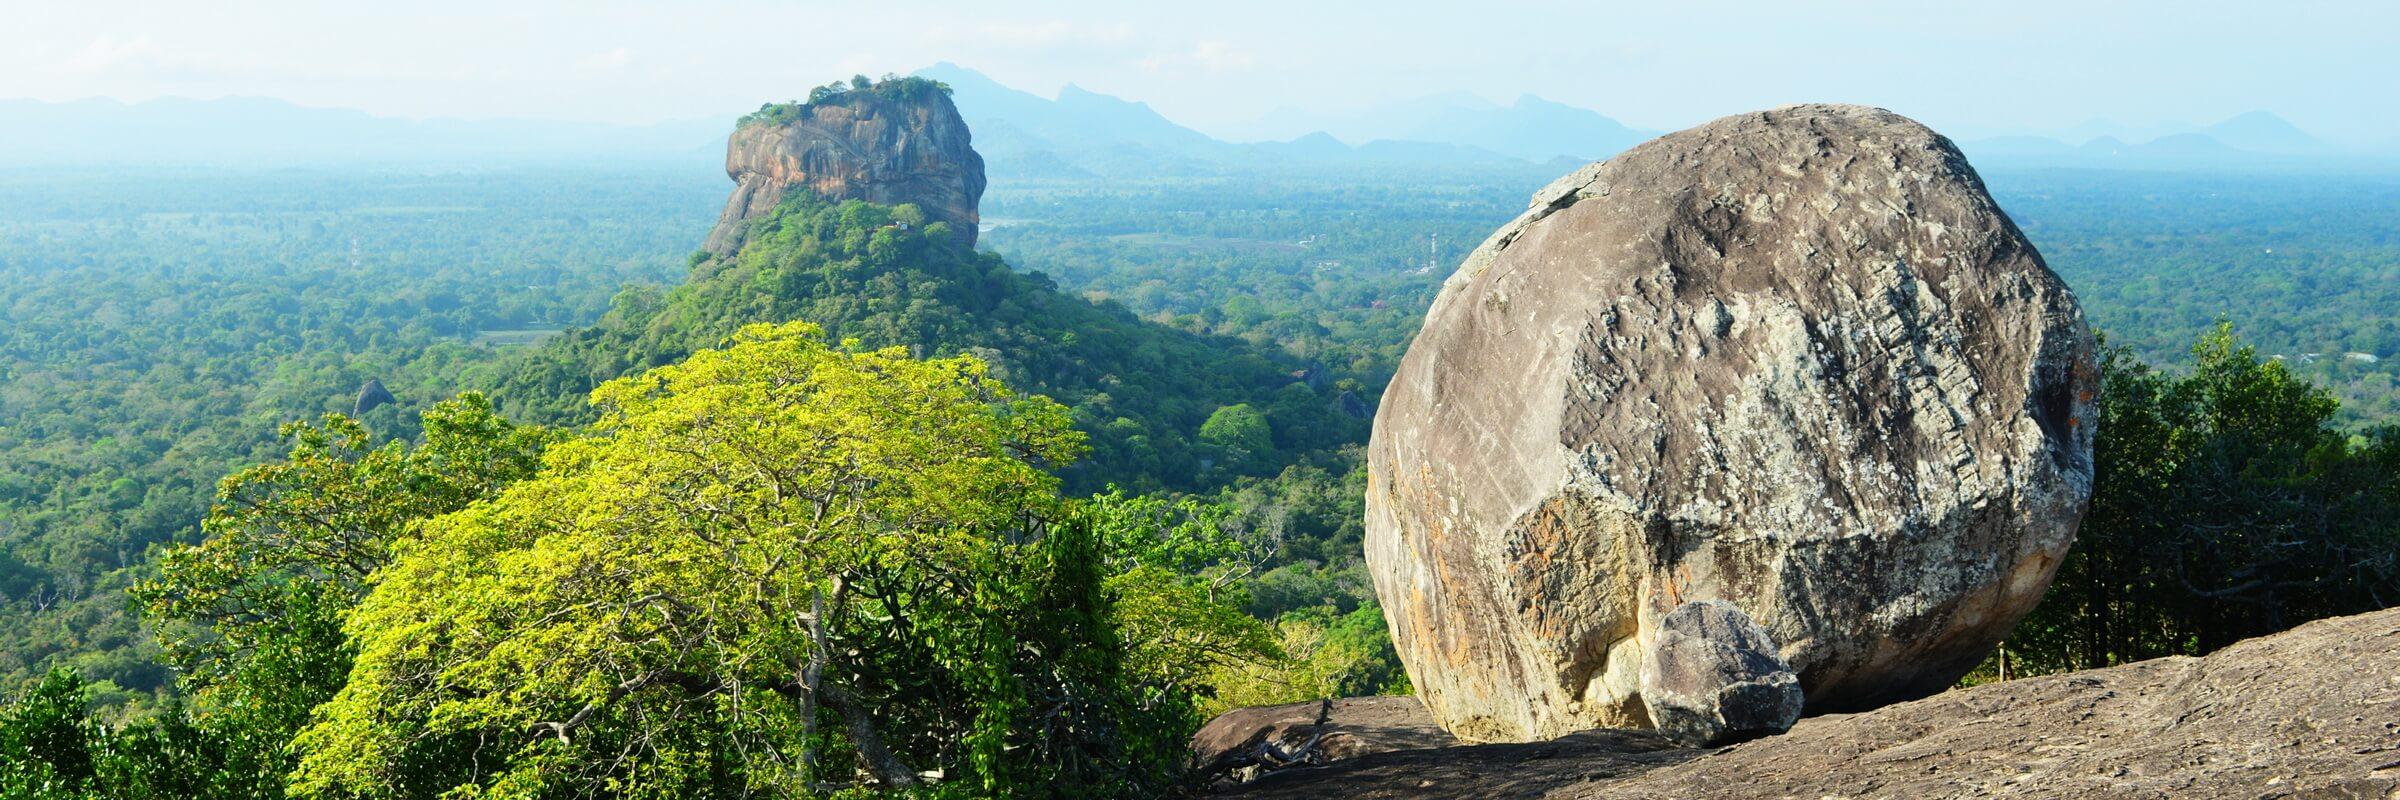 Wundervoller Ausblick vom Pidurangala Felsen auf den Löwenfelsen von Sigiriya